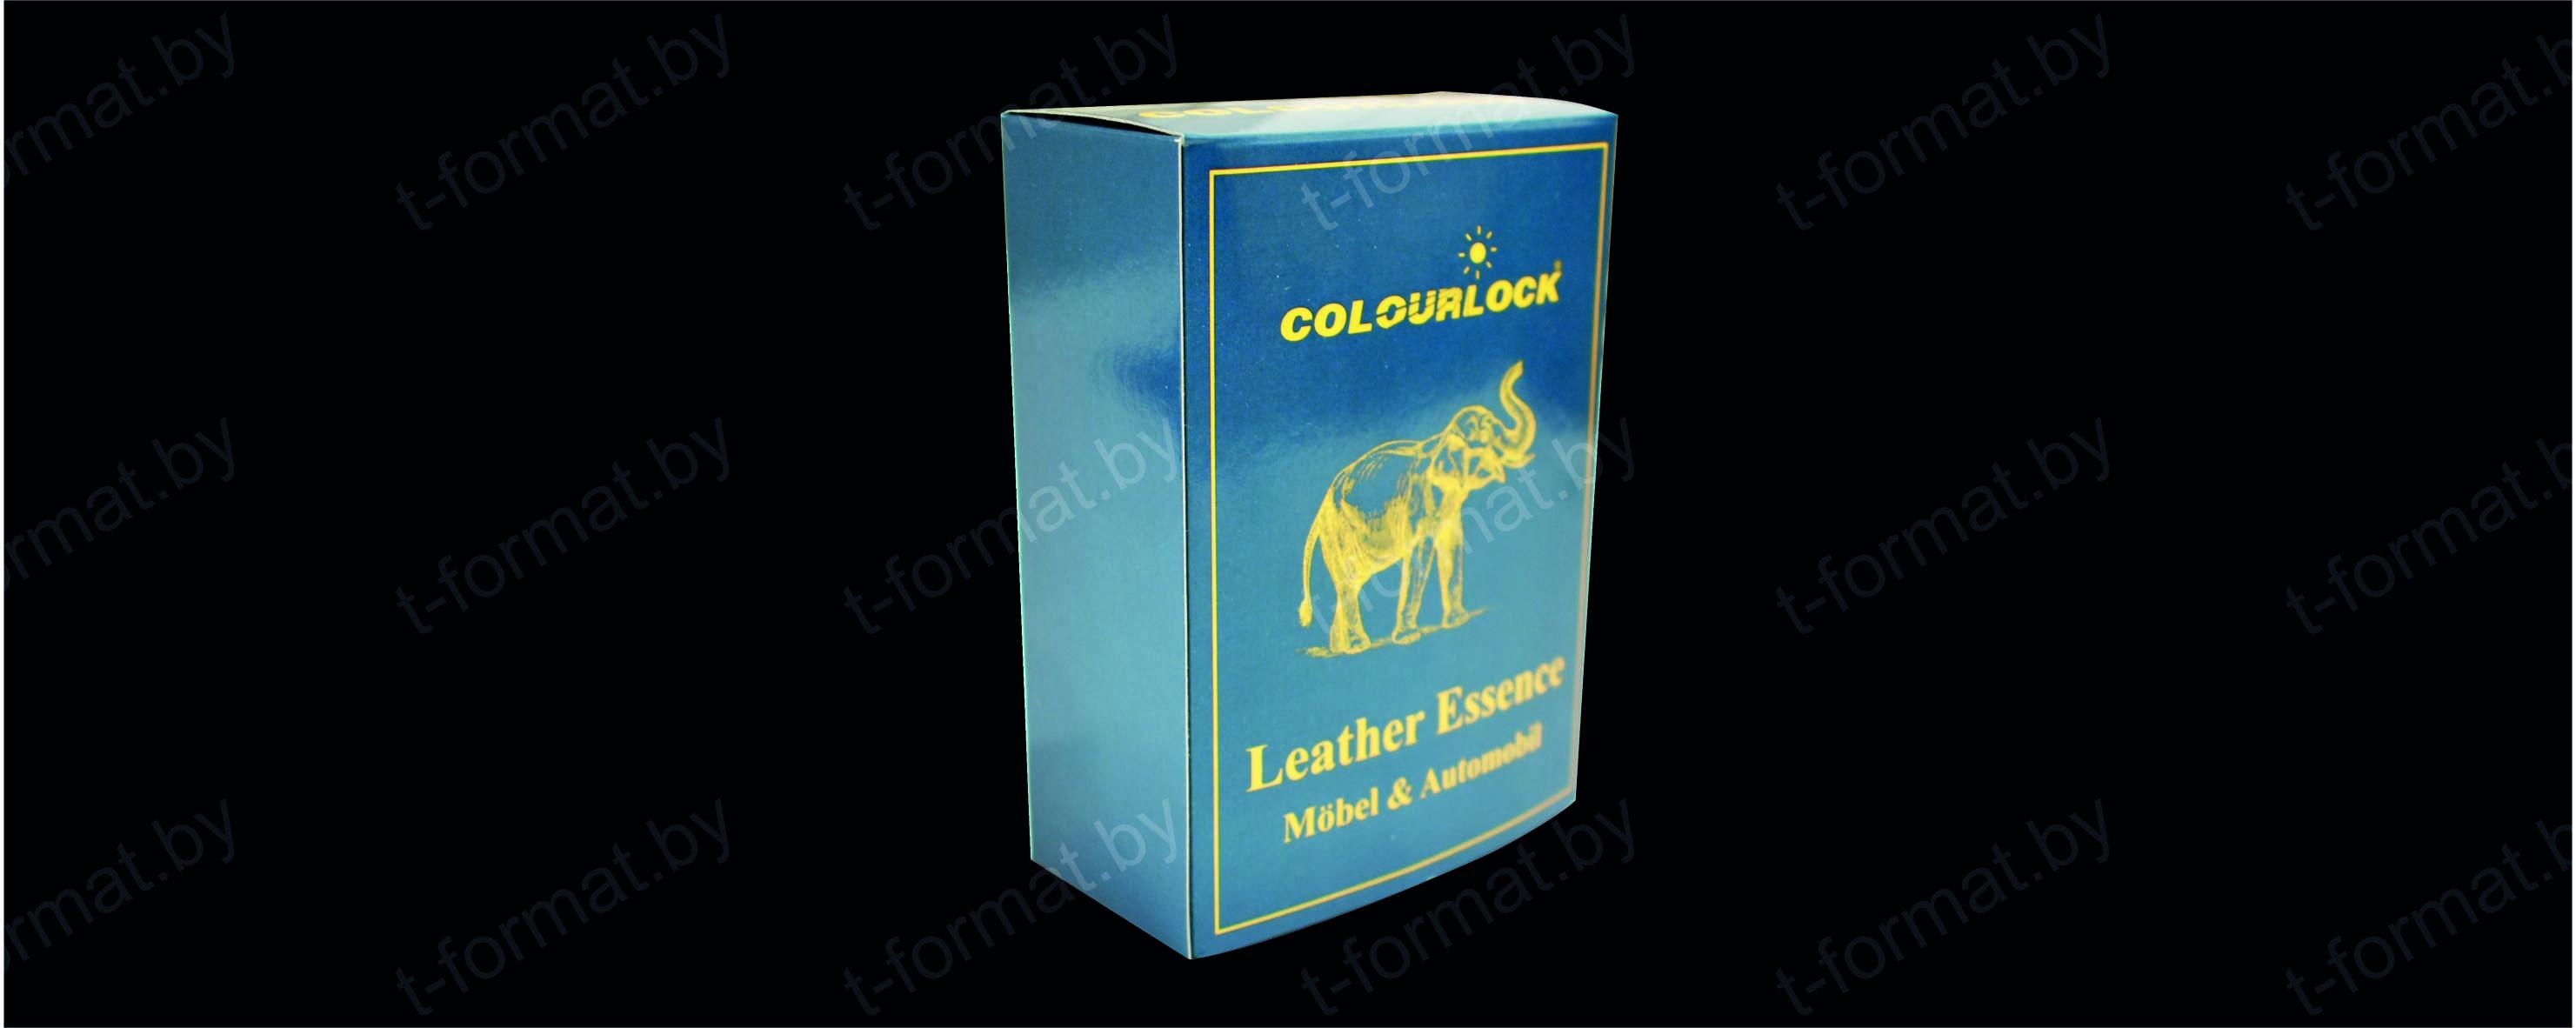 Как цвет упаковки товара воздействует на покупателей?